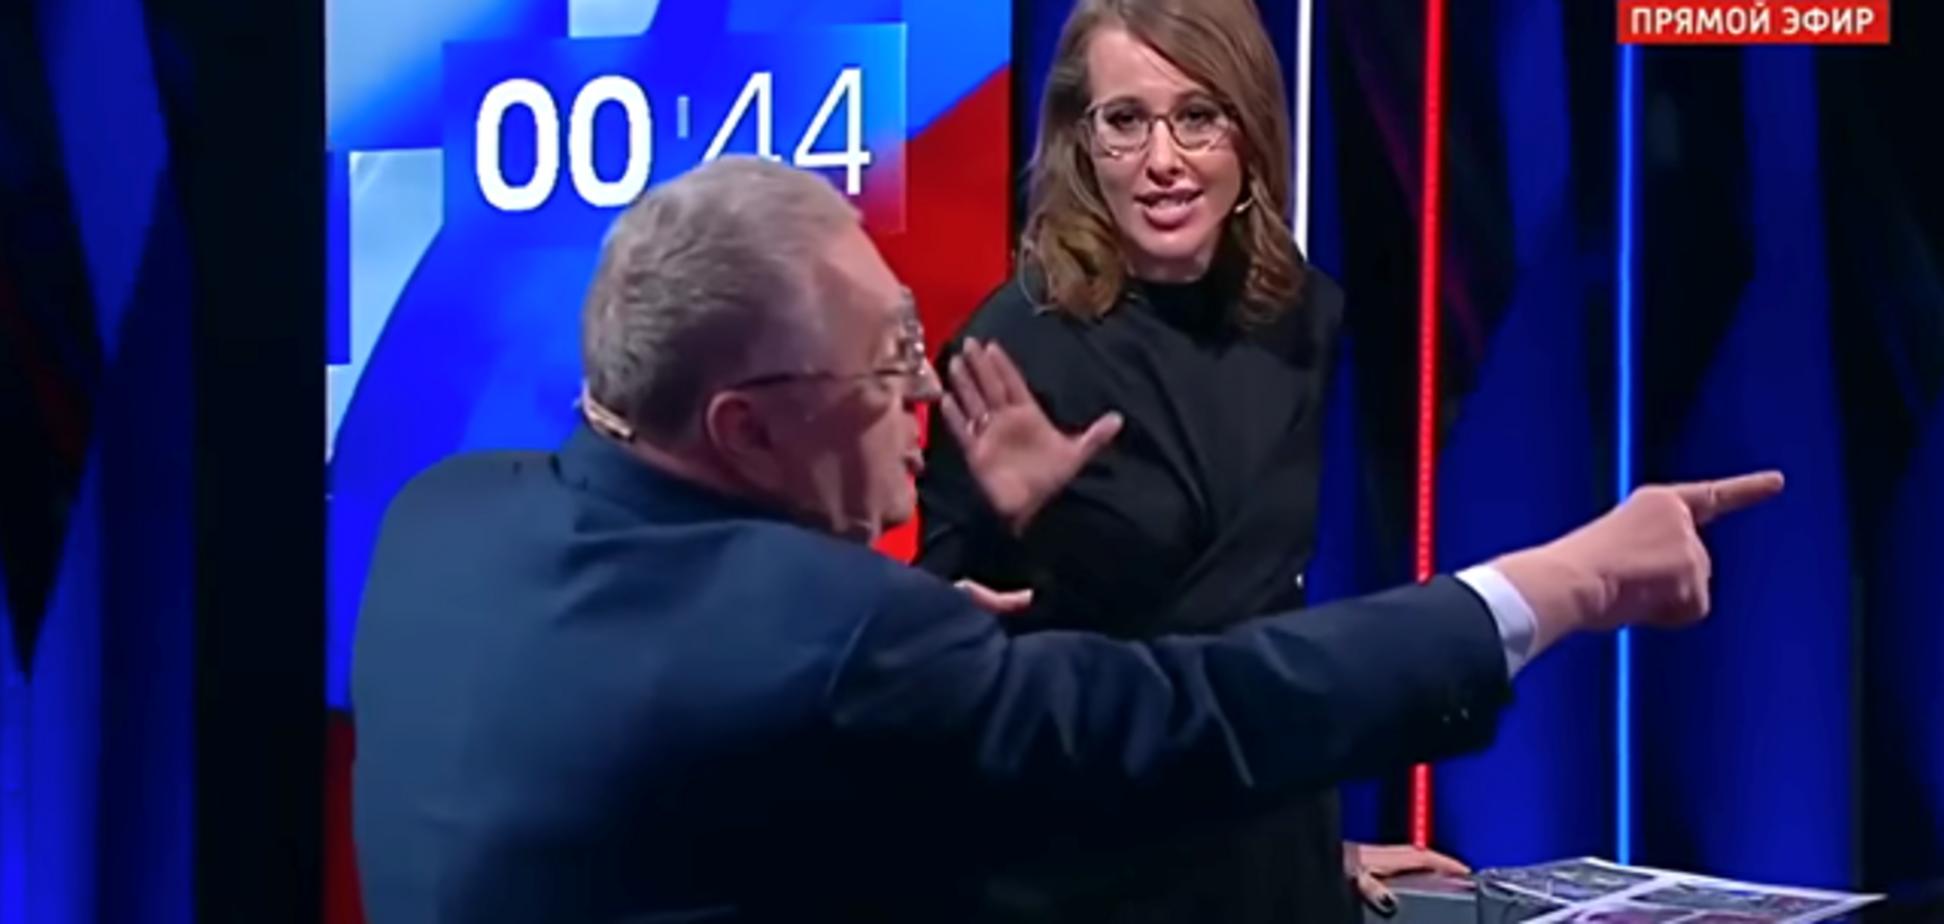 'Отправил бы в нокдаун!' Явлинского пристыдили за слабость перед Жириновским